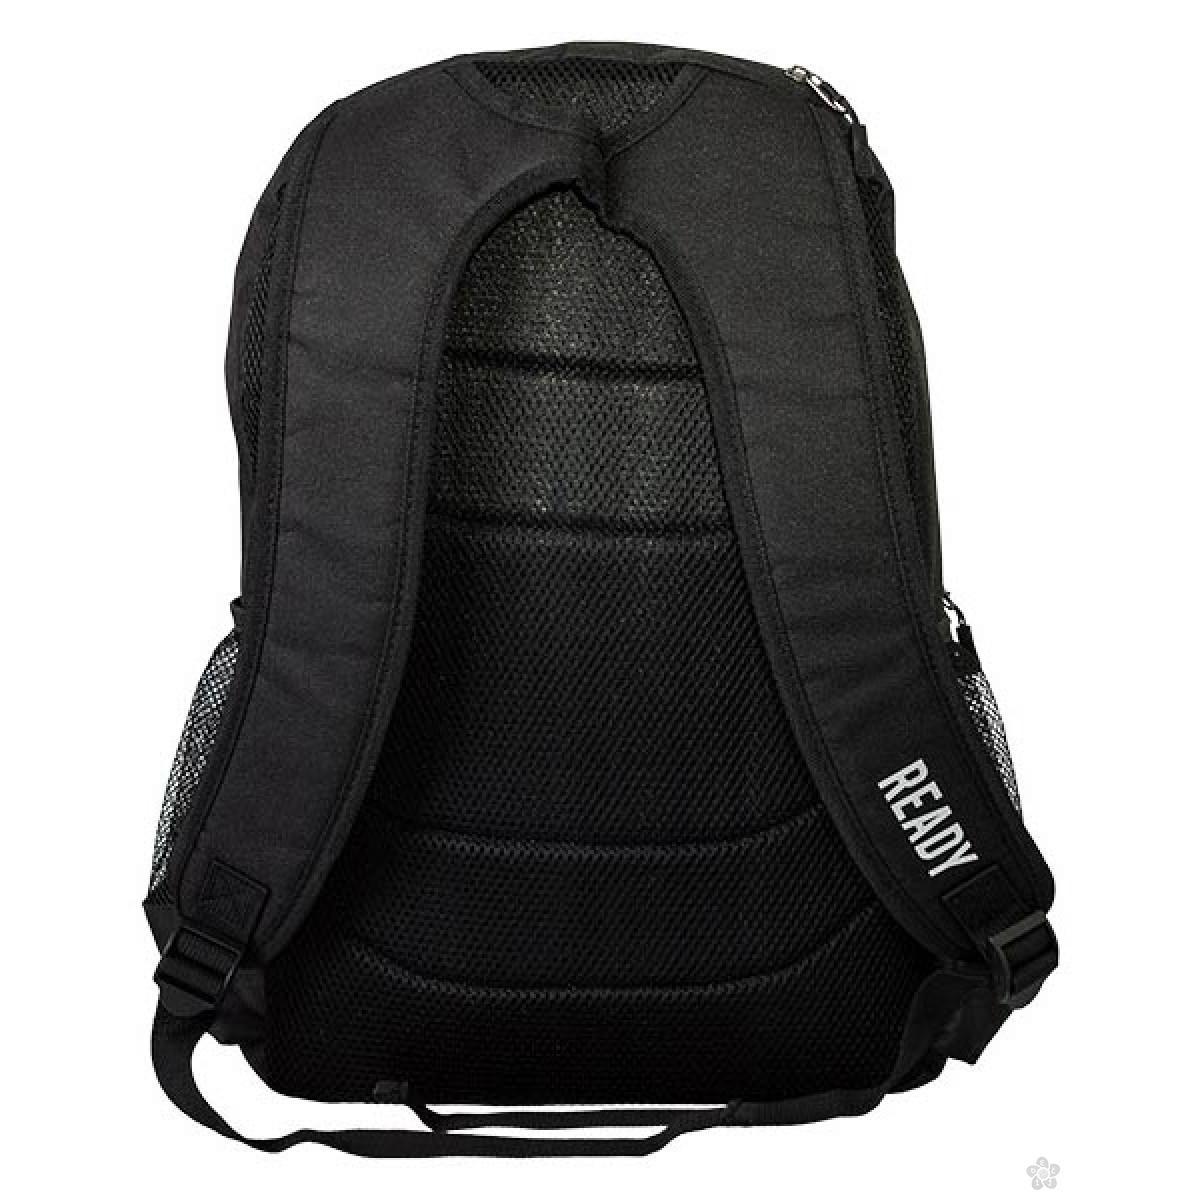 Ergonomski ranac Ready Black 100570